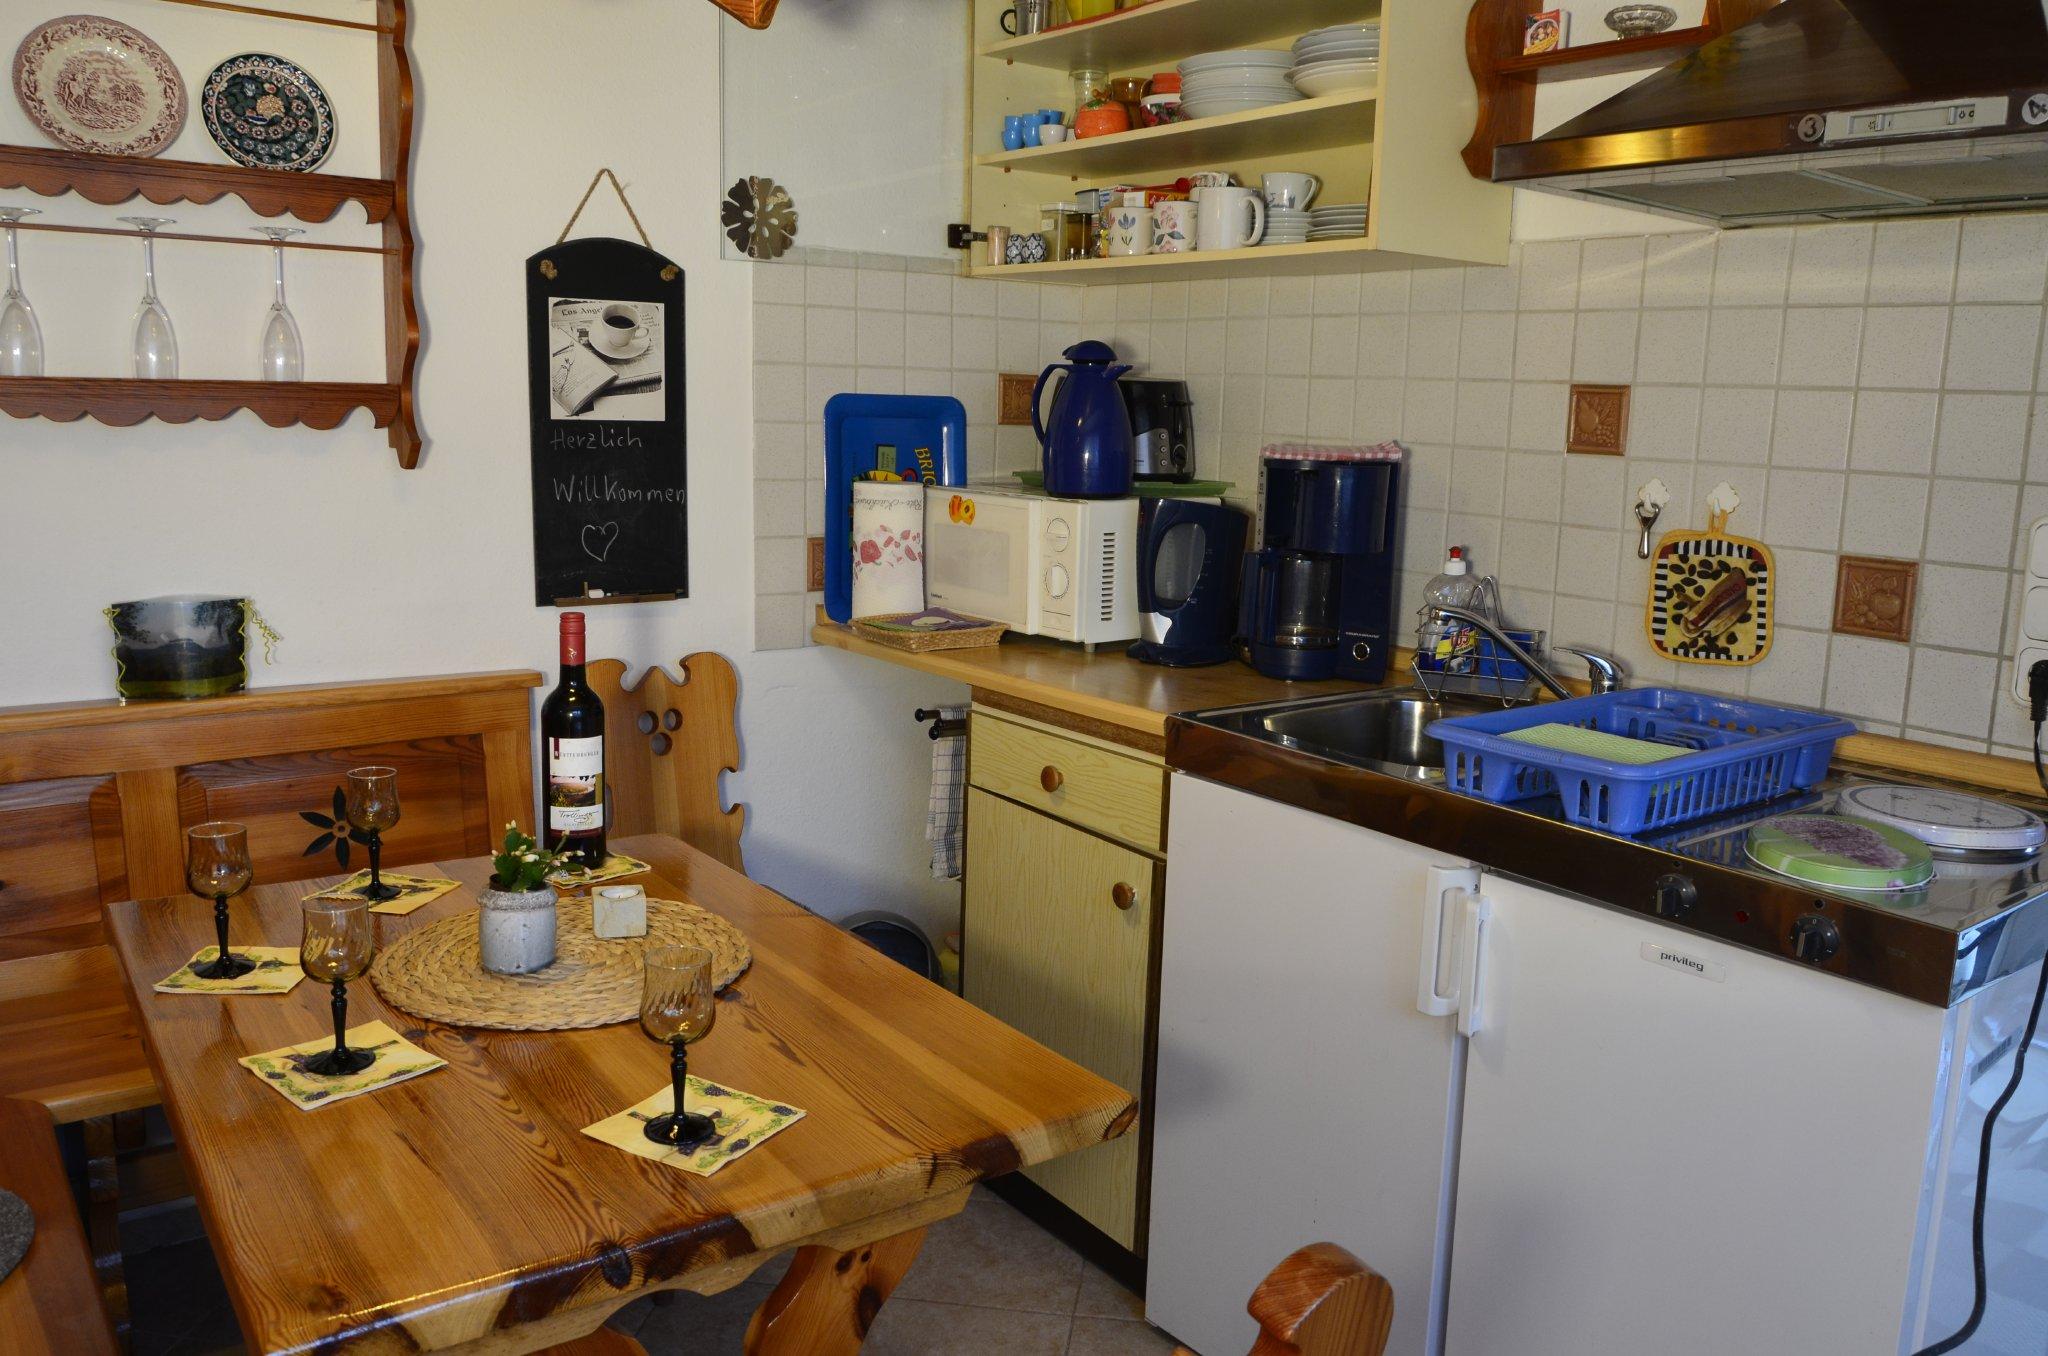 Ferienhaus 1 - Essecke mit Küchenzeile